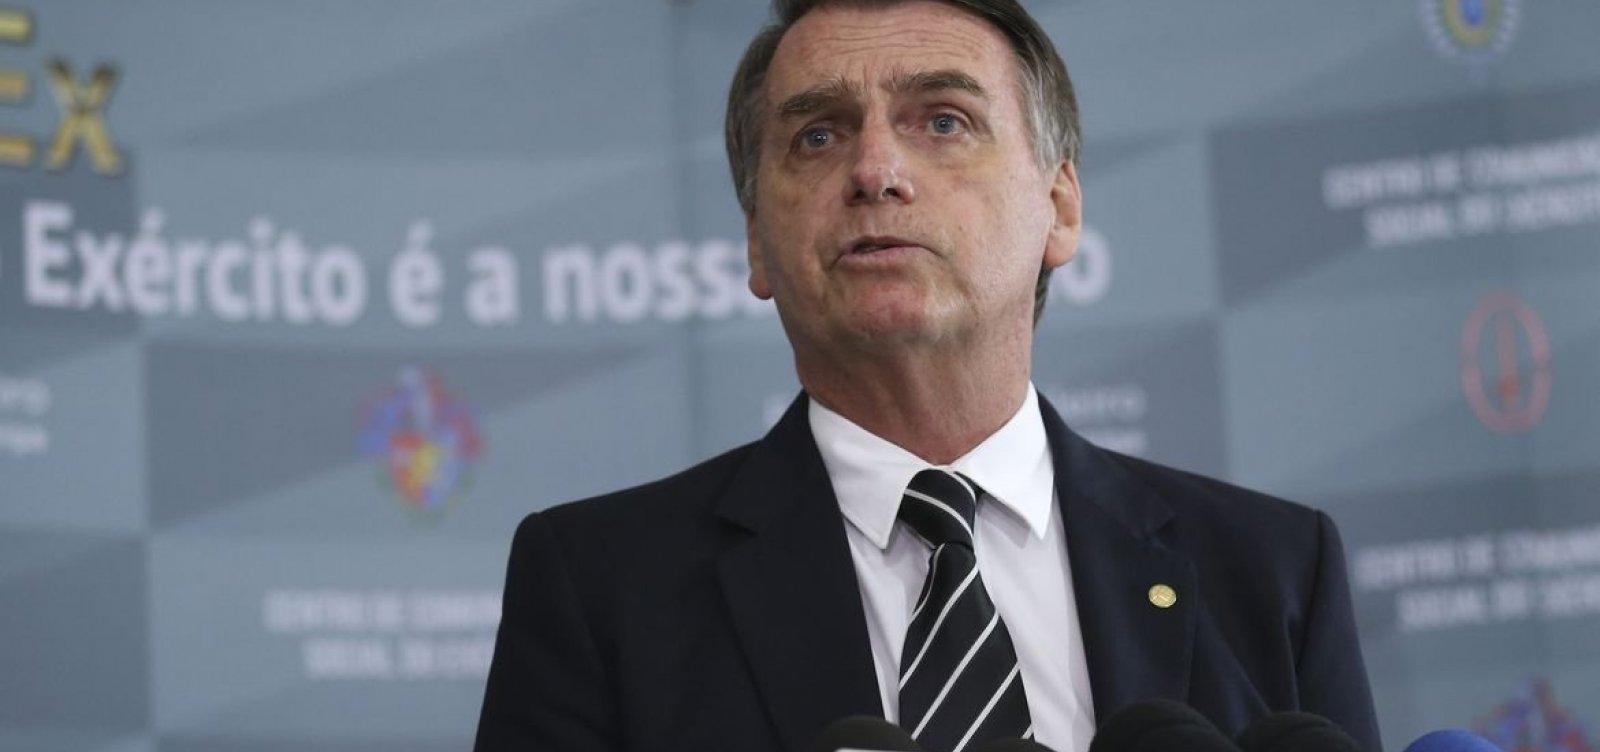 Com mil dias de governo, Bolsonaro vem à Bahia para inaugurar trecho de 10km de asfalto